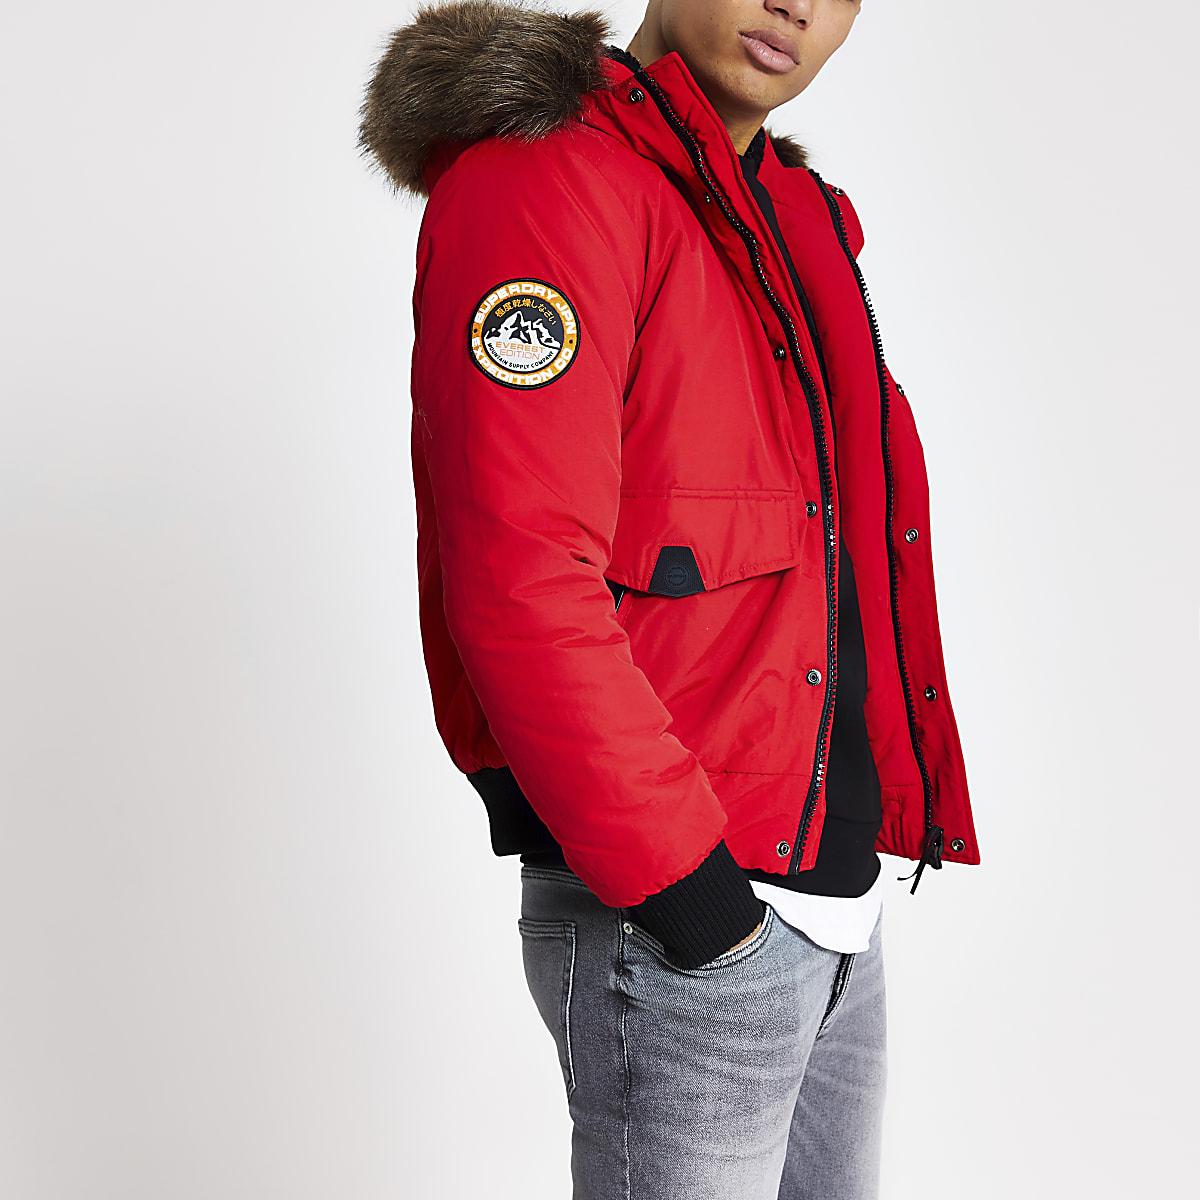 Superdry red Everest bomber jacket